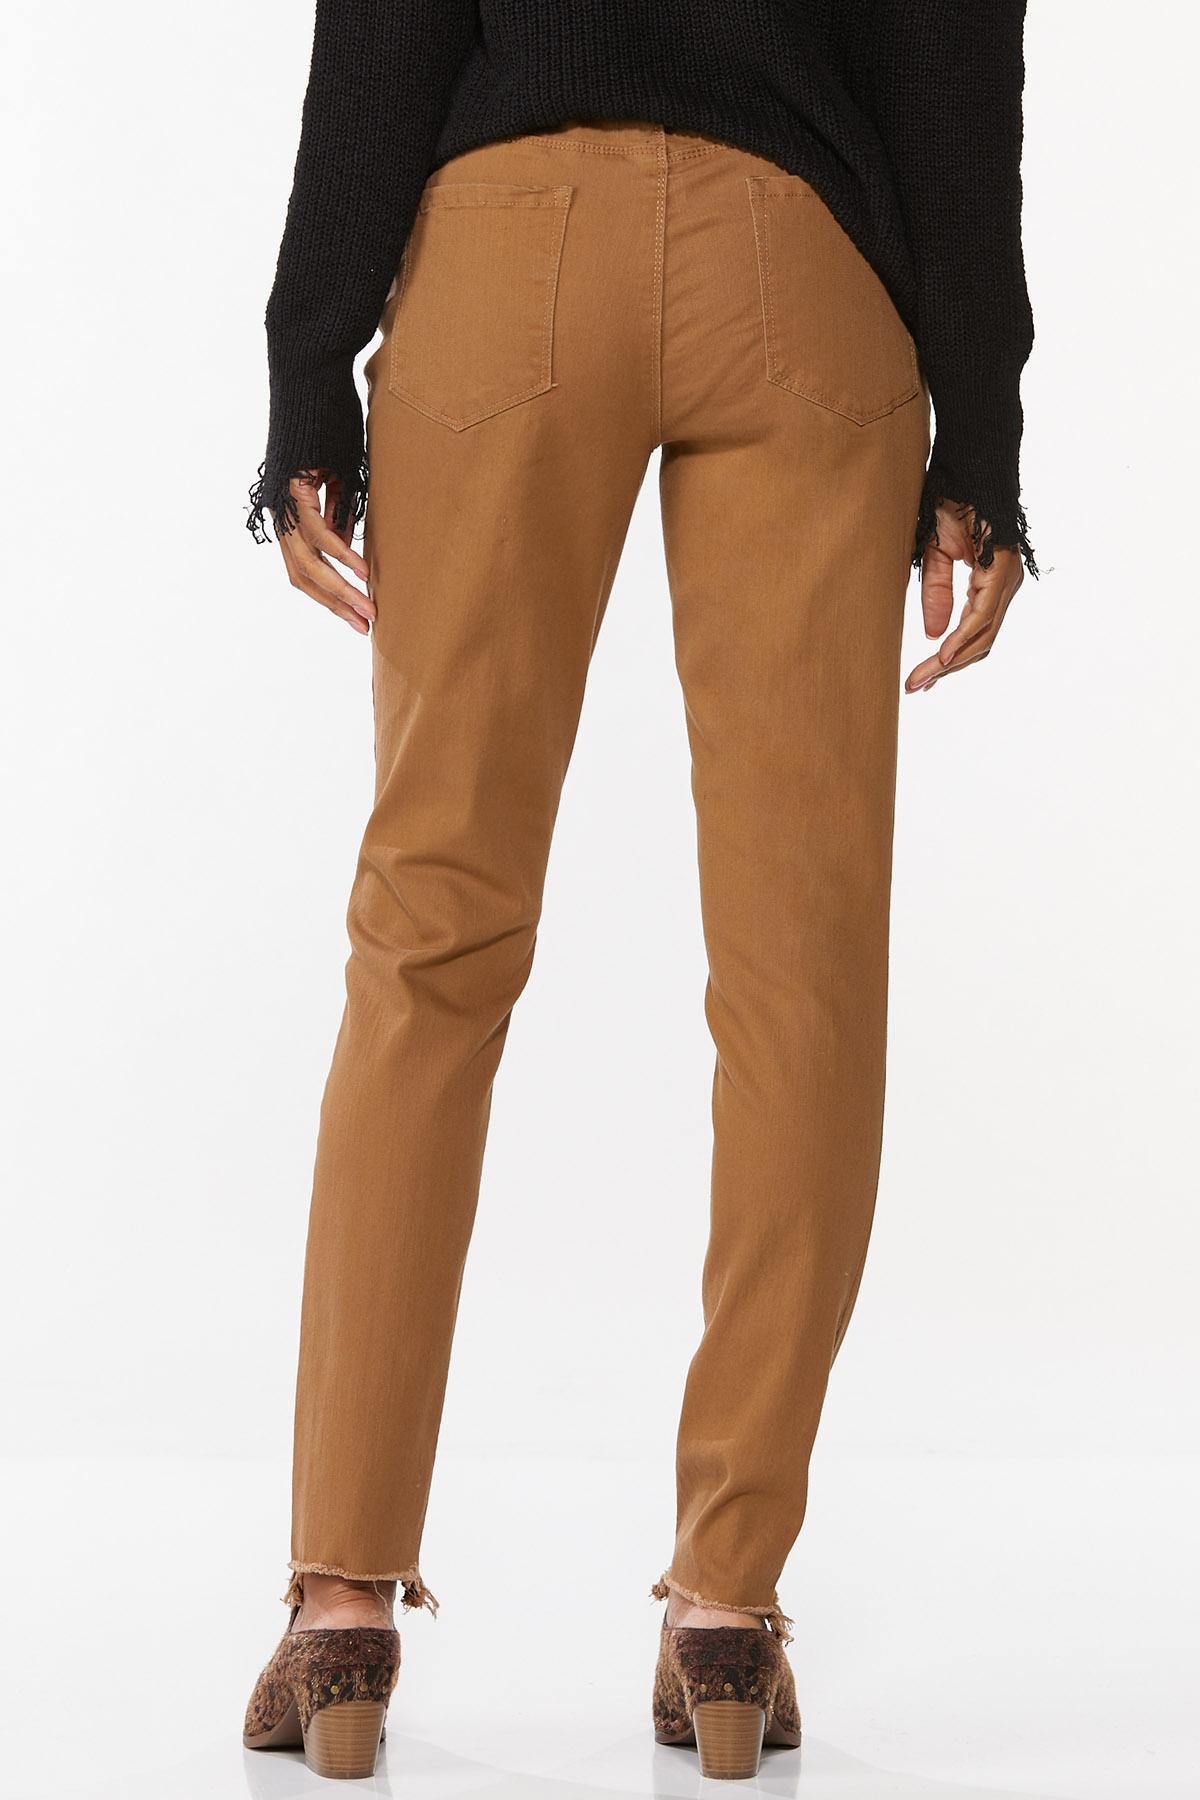 Distressed Brown Skinny Jeans (Item #44671458)